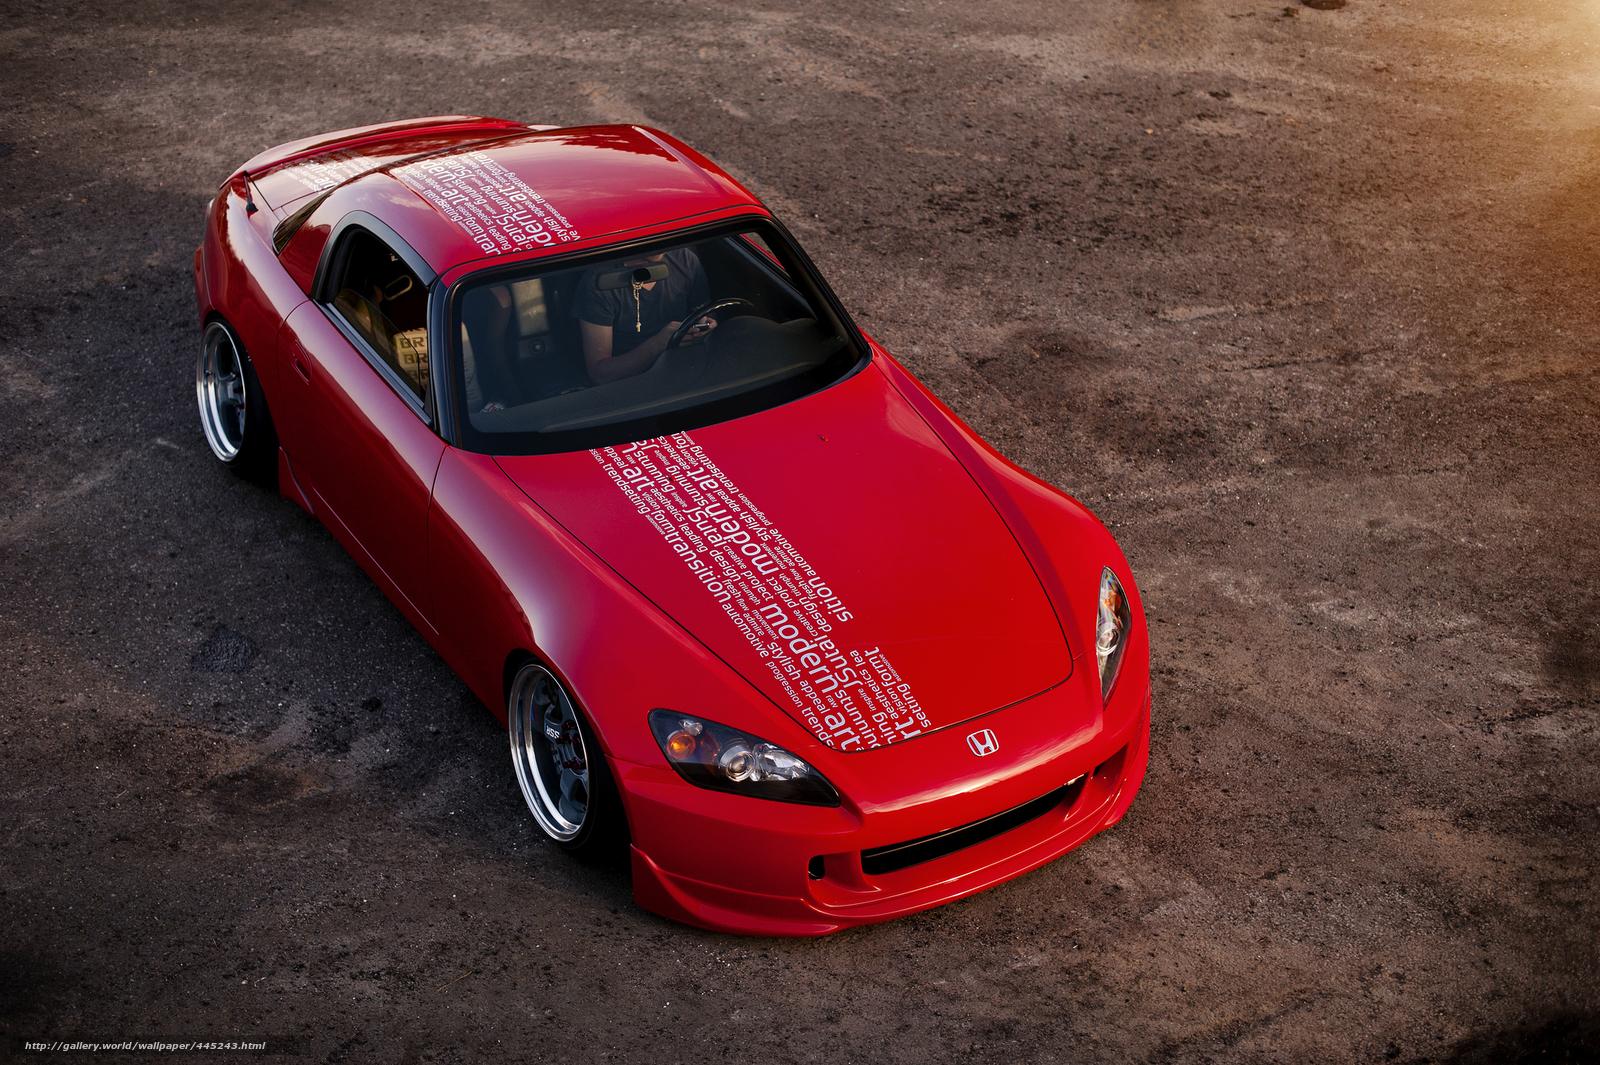 Скачать обои хонда,  красная,  Honda бесплатно для рабочего стола в разрешении 2048x1363 — картинка №445243